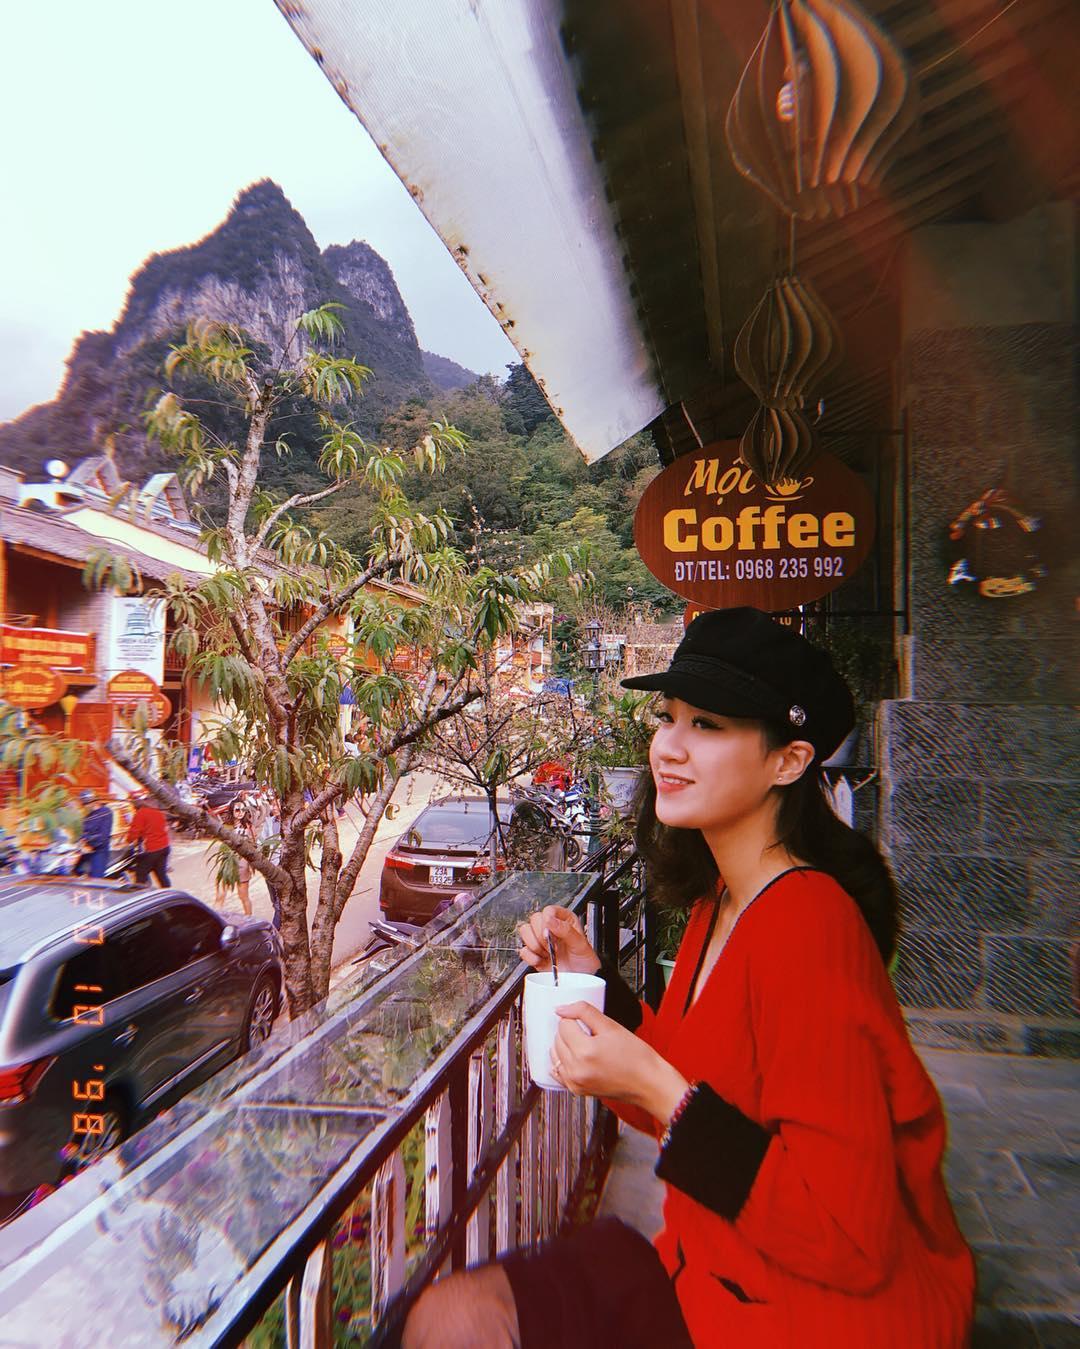 Thưởng thức đồ uống tại Mộc Coffee Đồng Văn Hà Giang